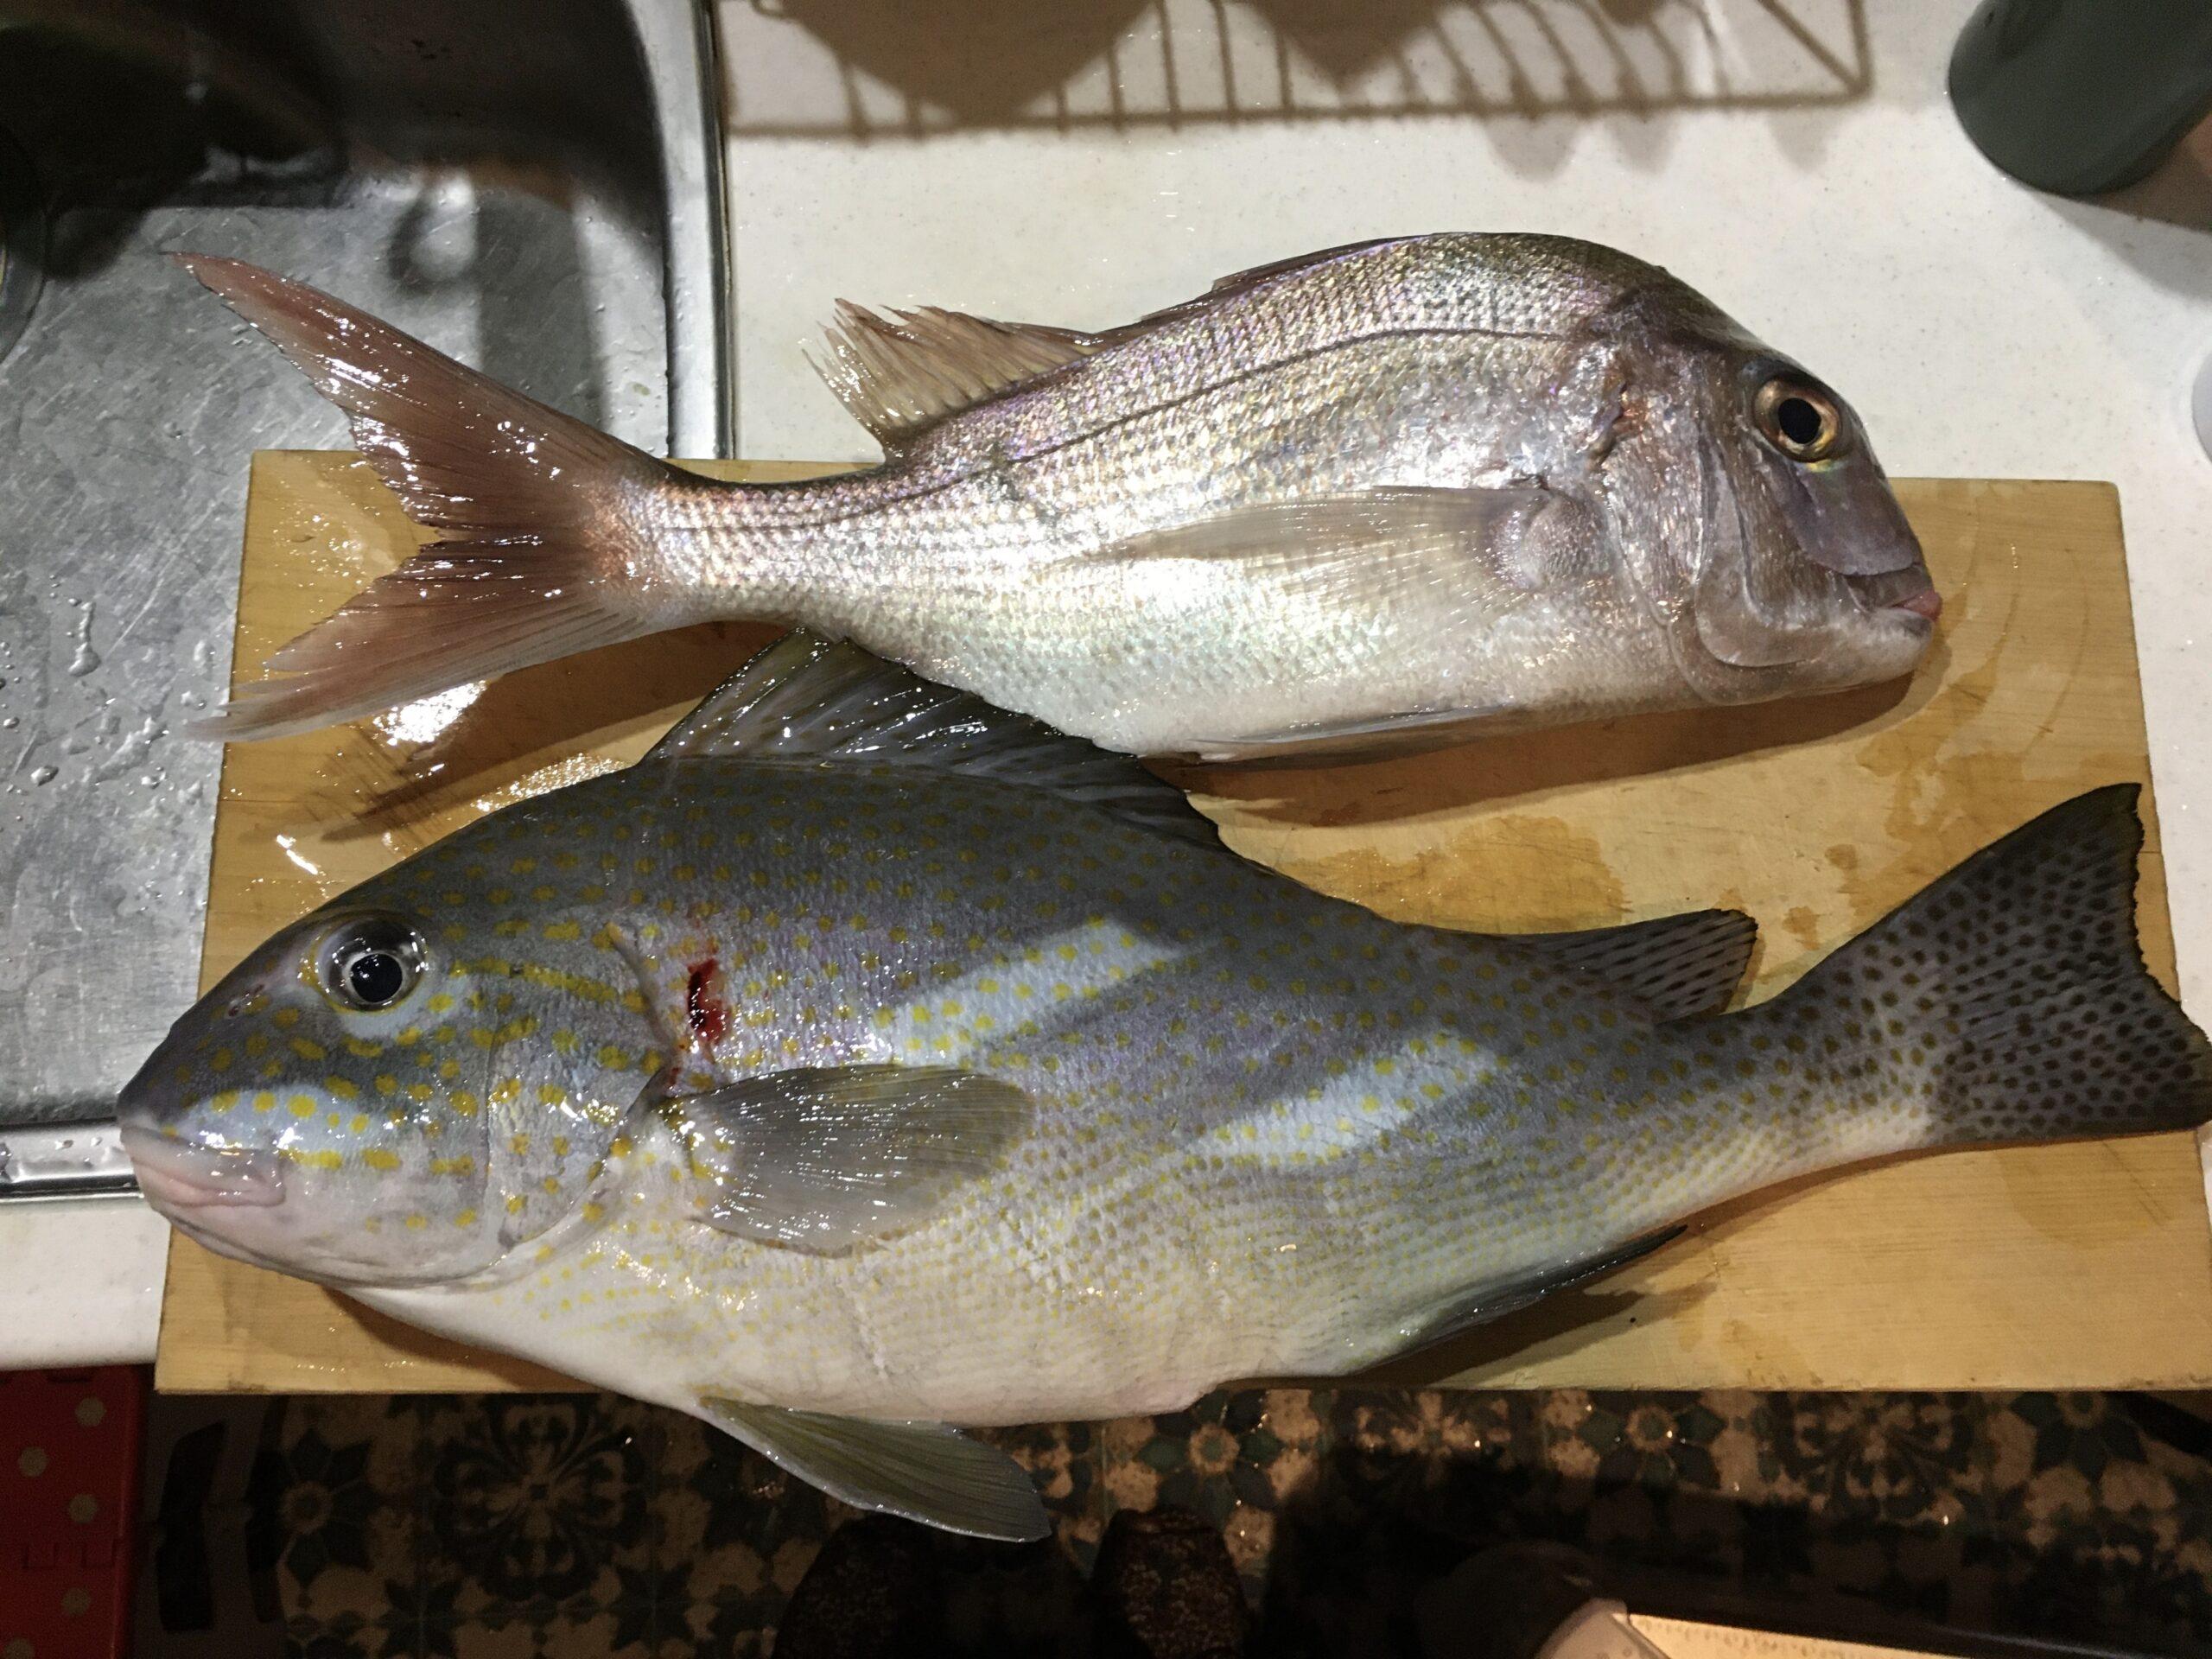 コロダイ「生臭さ」生かしてオーブン料理ー真鯛は生が美味しい 伊豆諸島・新島でカゴ釣りの釣果